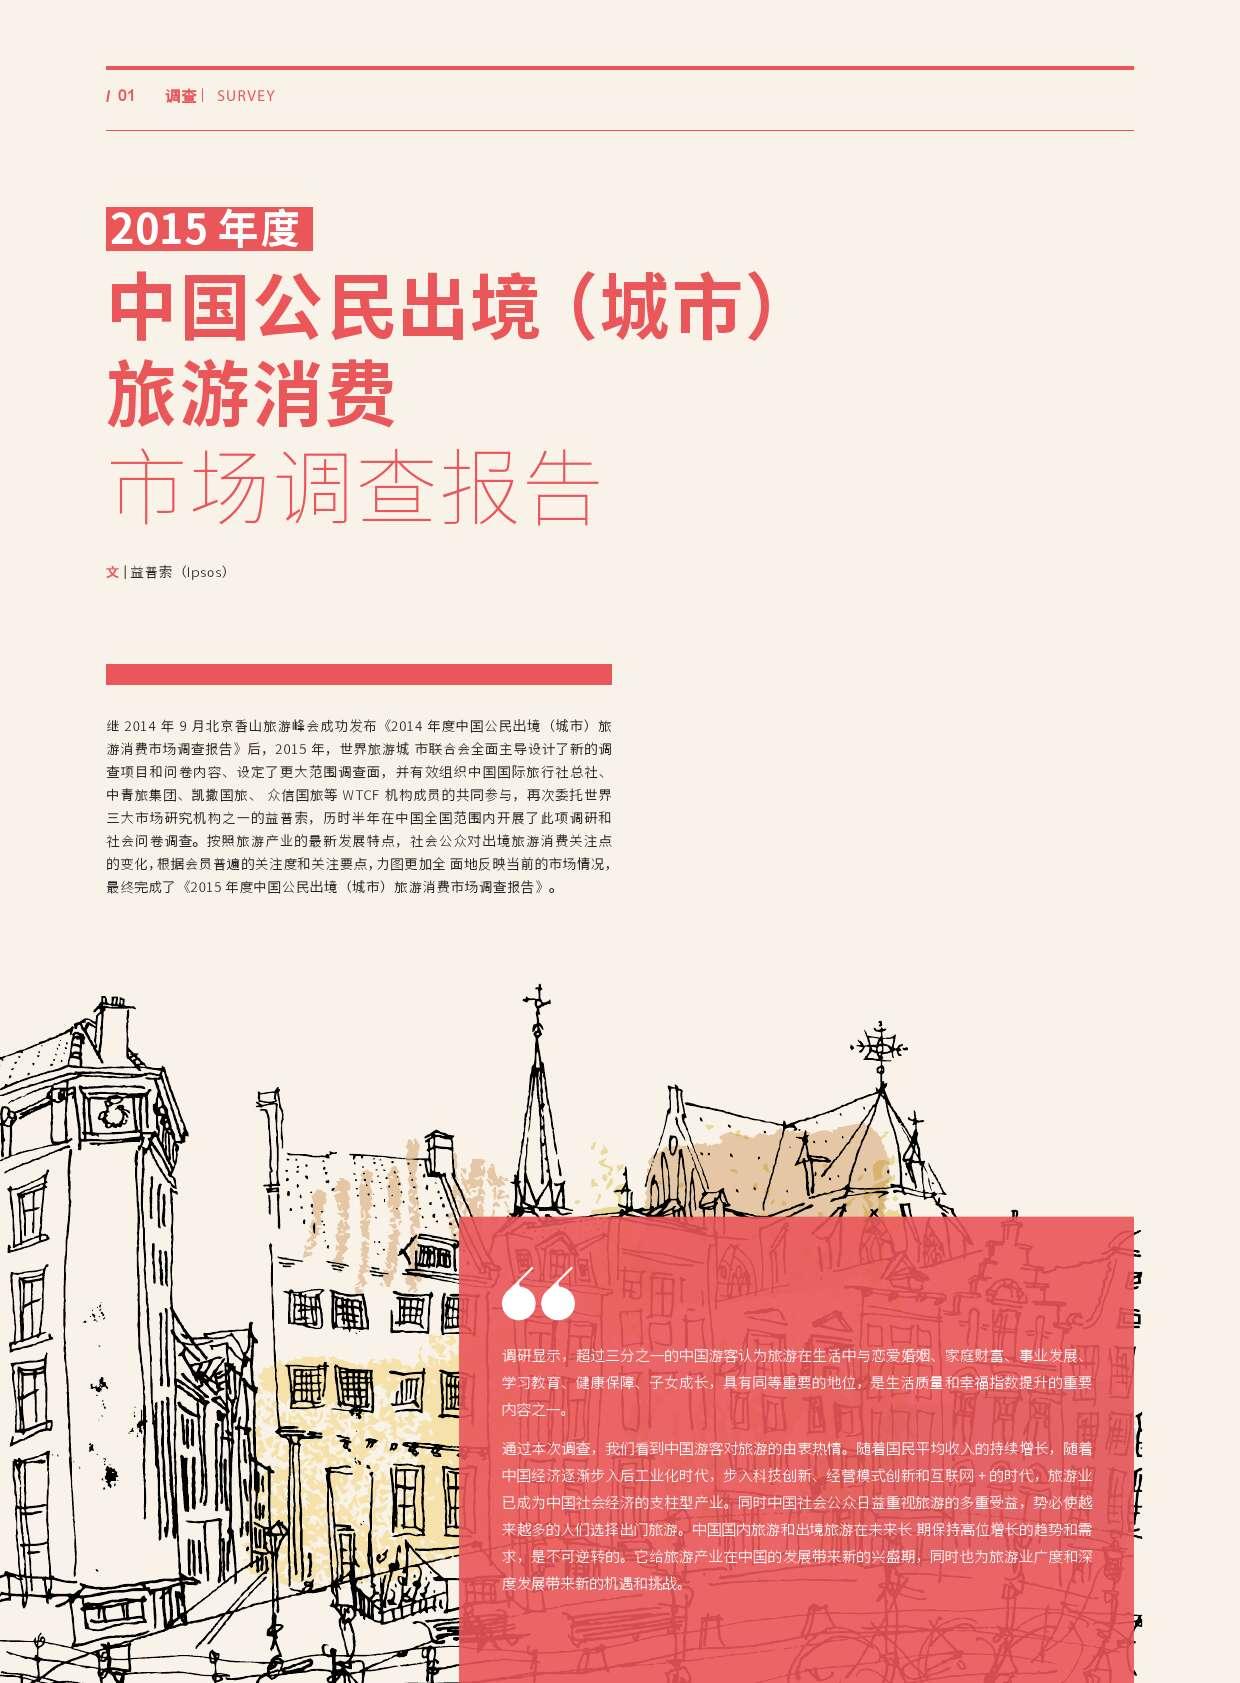 益普索:2015年度中国公民出境(城市)旅游消费调查报告_000001